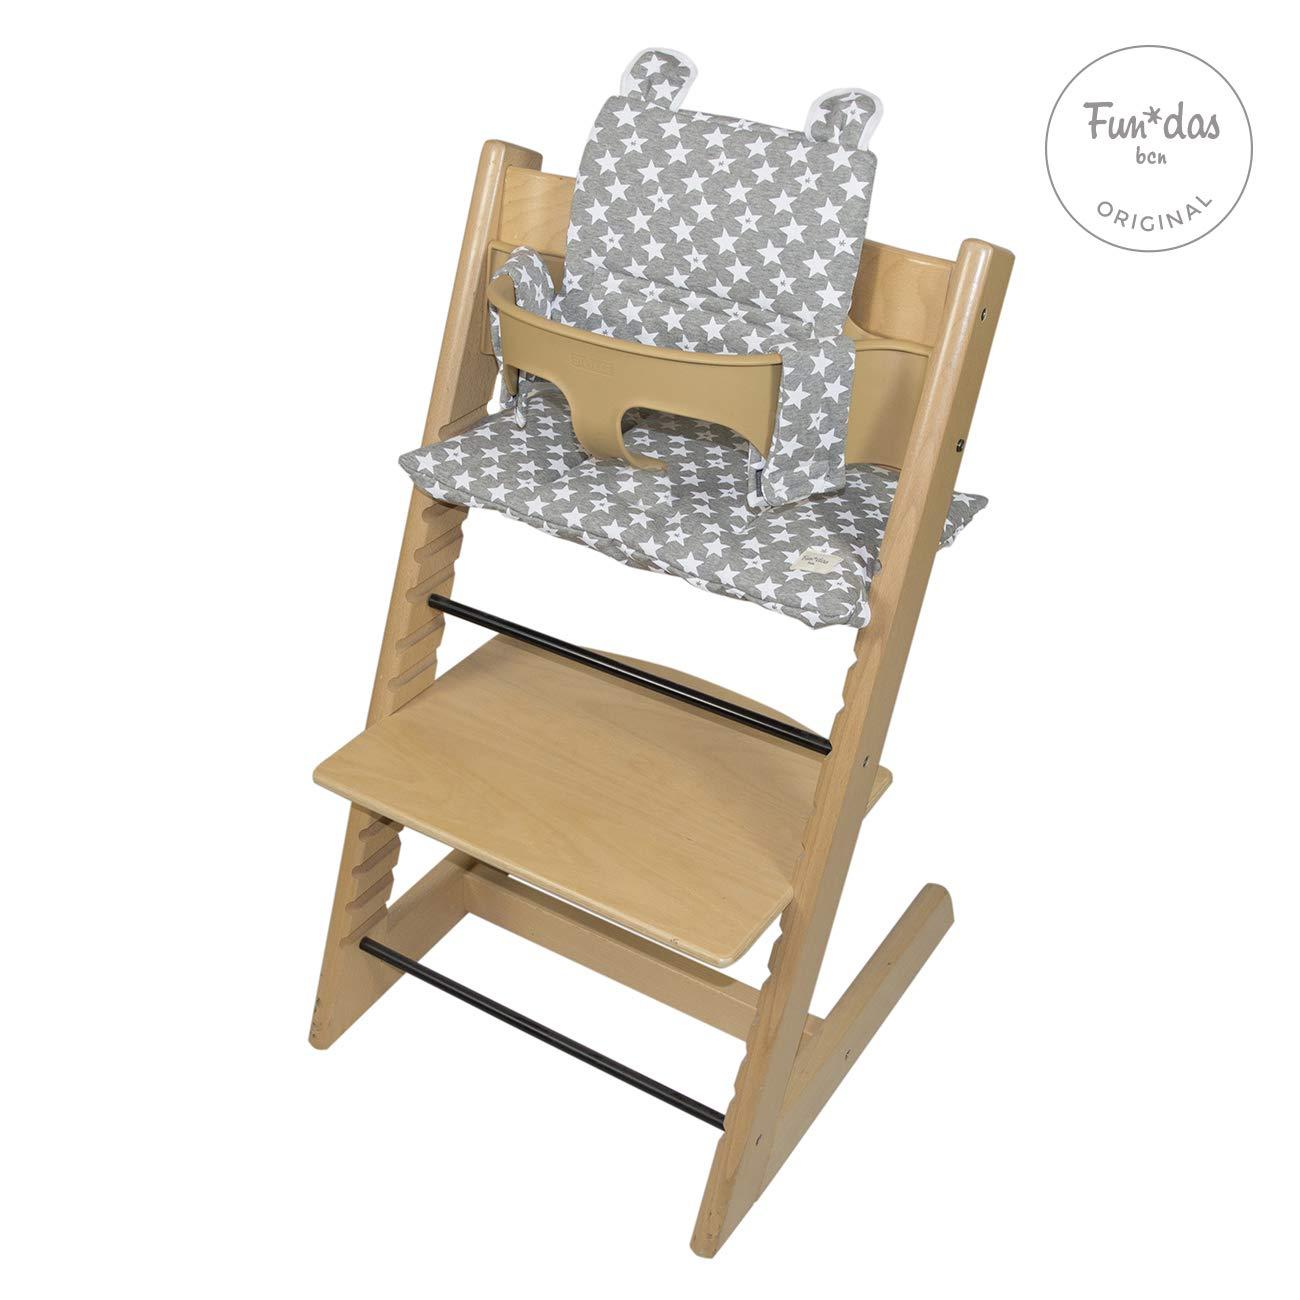 F135 Little Fun Peach Fundas BCN /® Cushion for Stokke Tripp Trapp /® Highchair